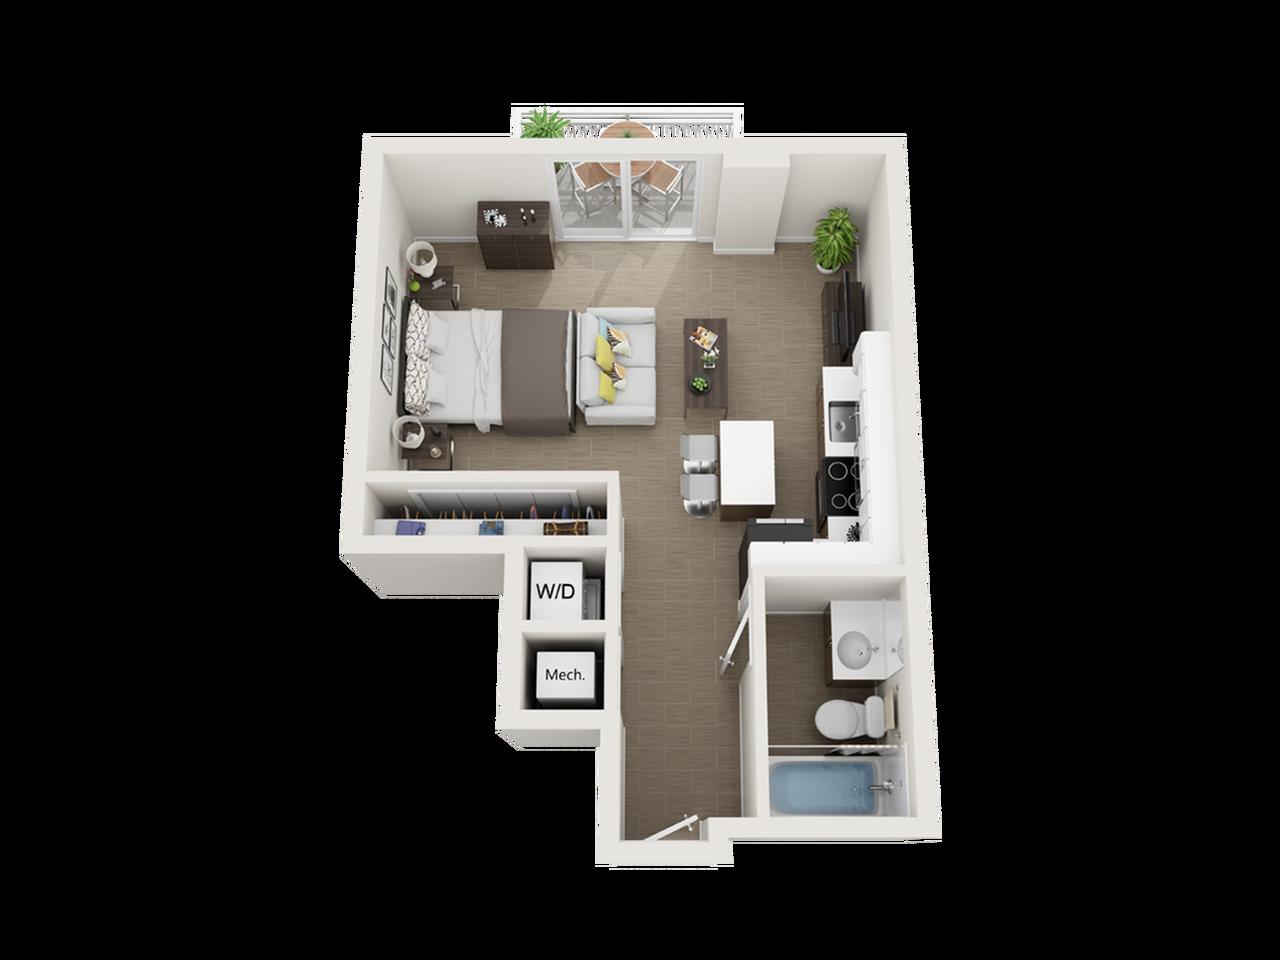 Sagar studio 3D floor plan